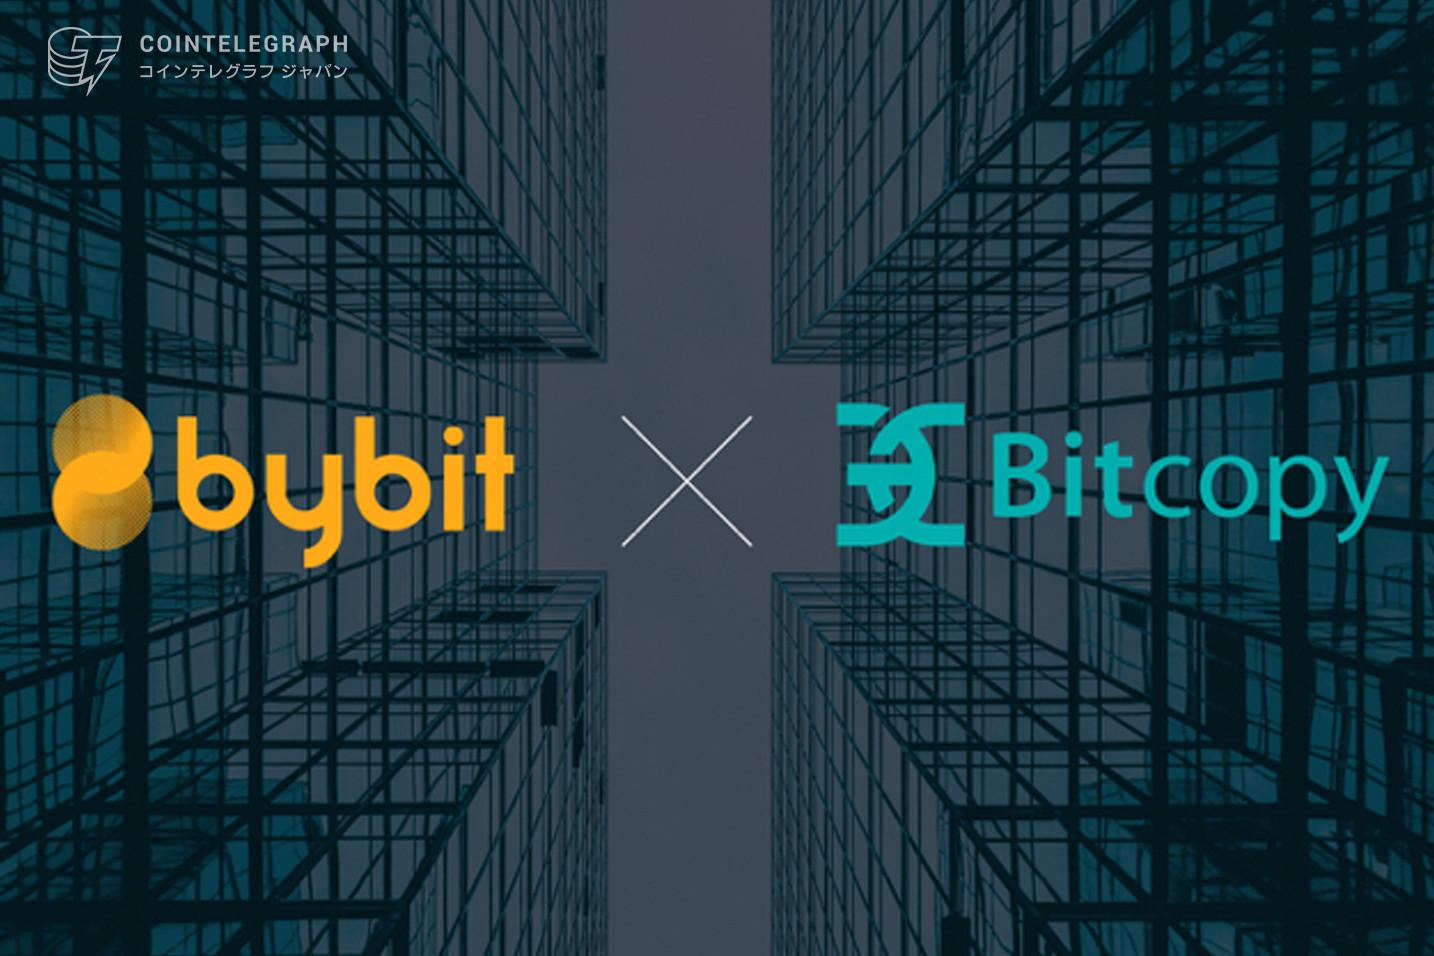 暗号資産取引所のBybitは、ソーシャルコピー取引サービスのBitCopyと資本提携を結びました